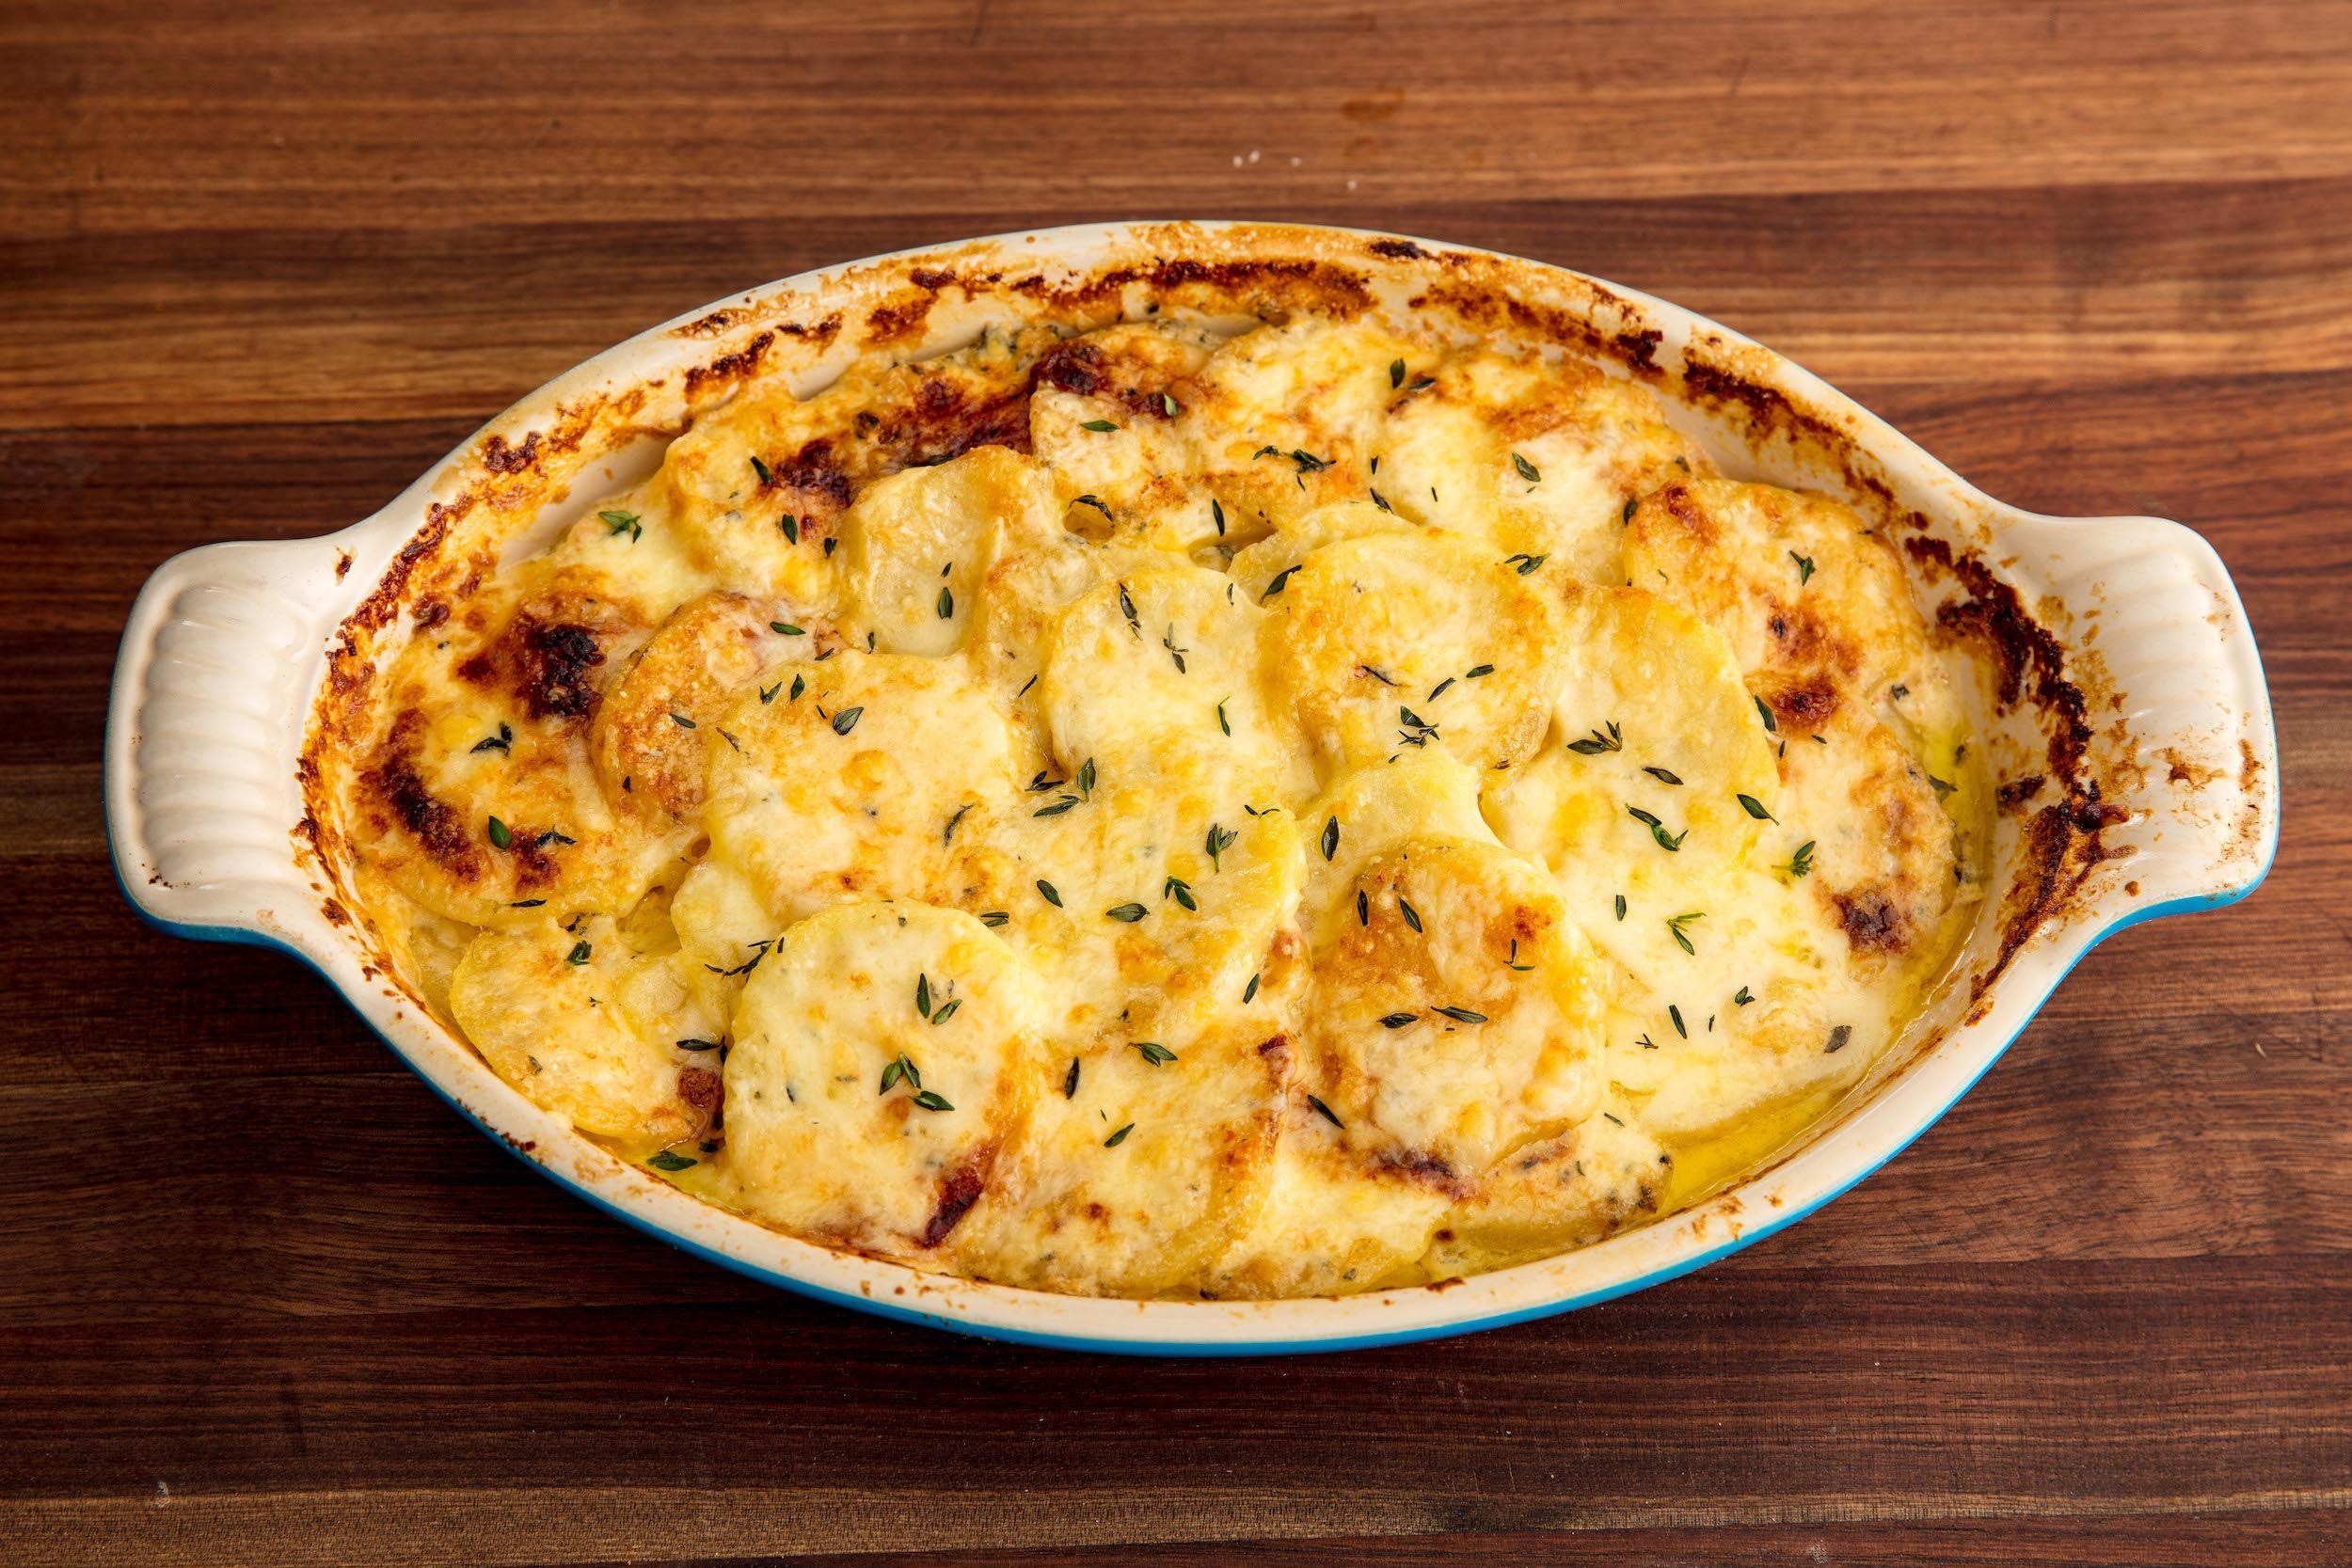 cartofi franțuzești la cuptor